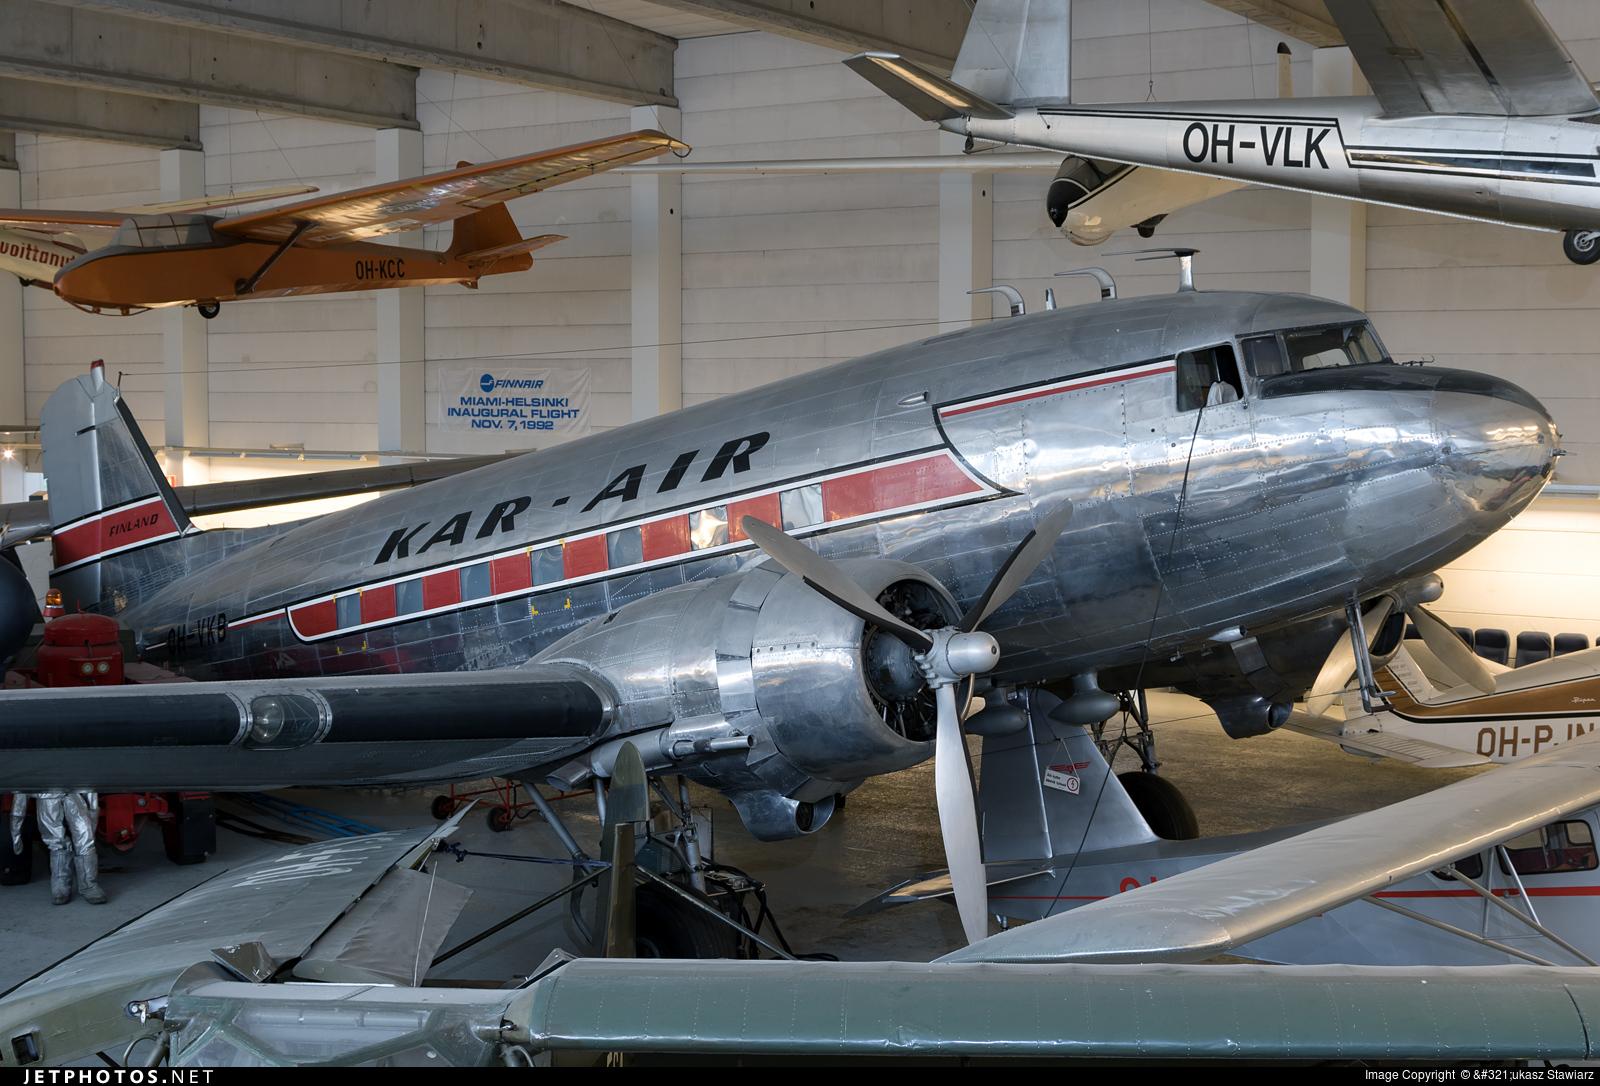 OH-VKB - Douglas DC-3 - Kar-Air